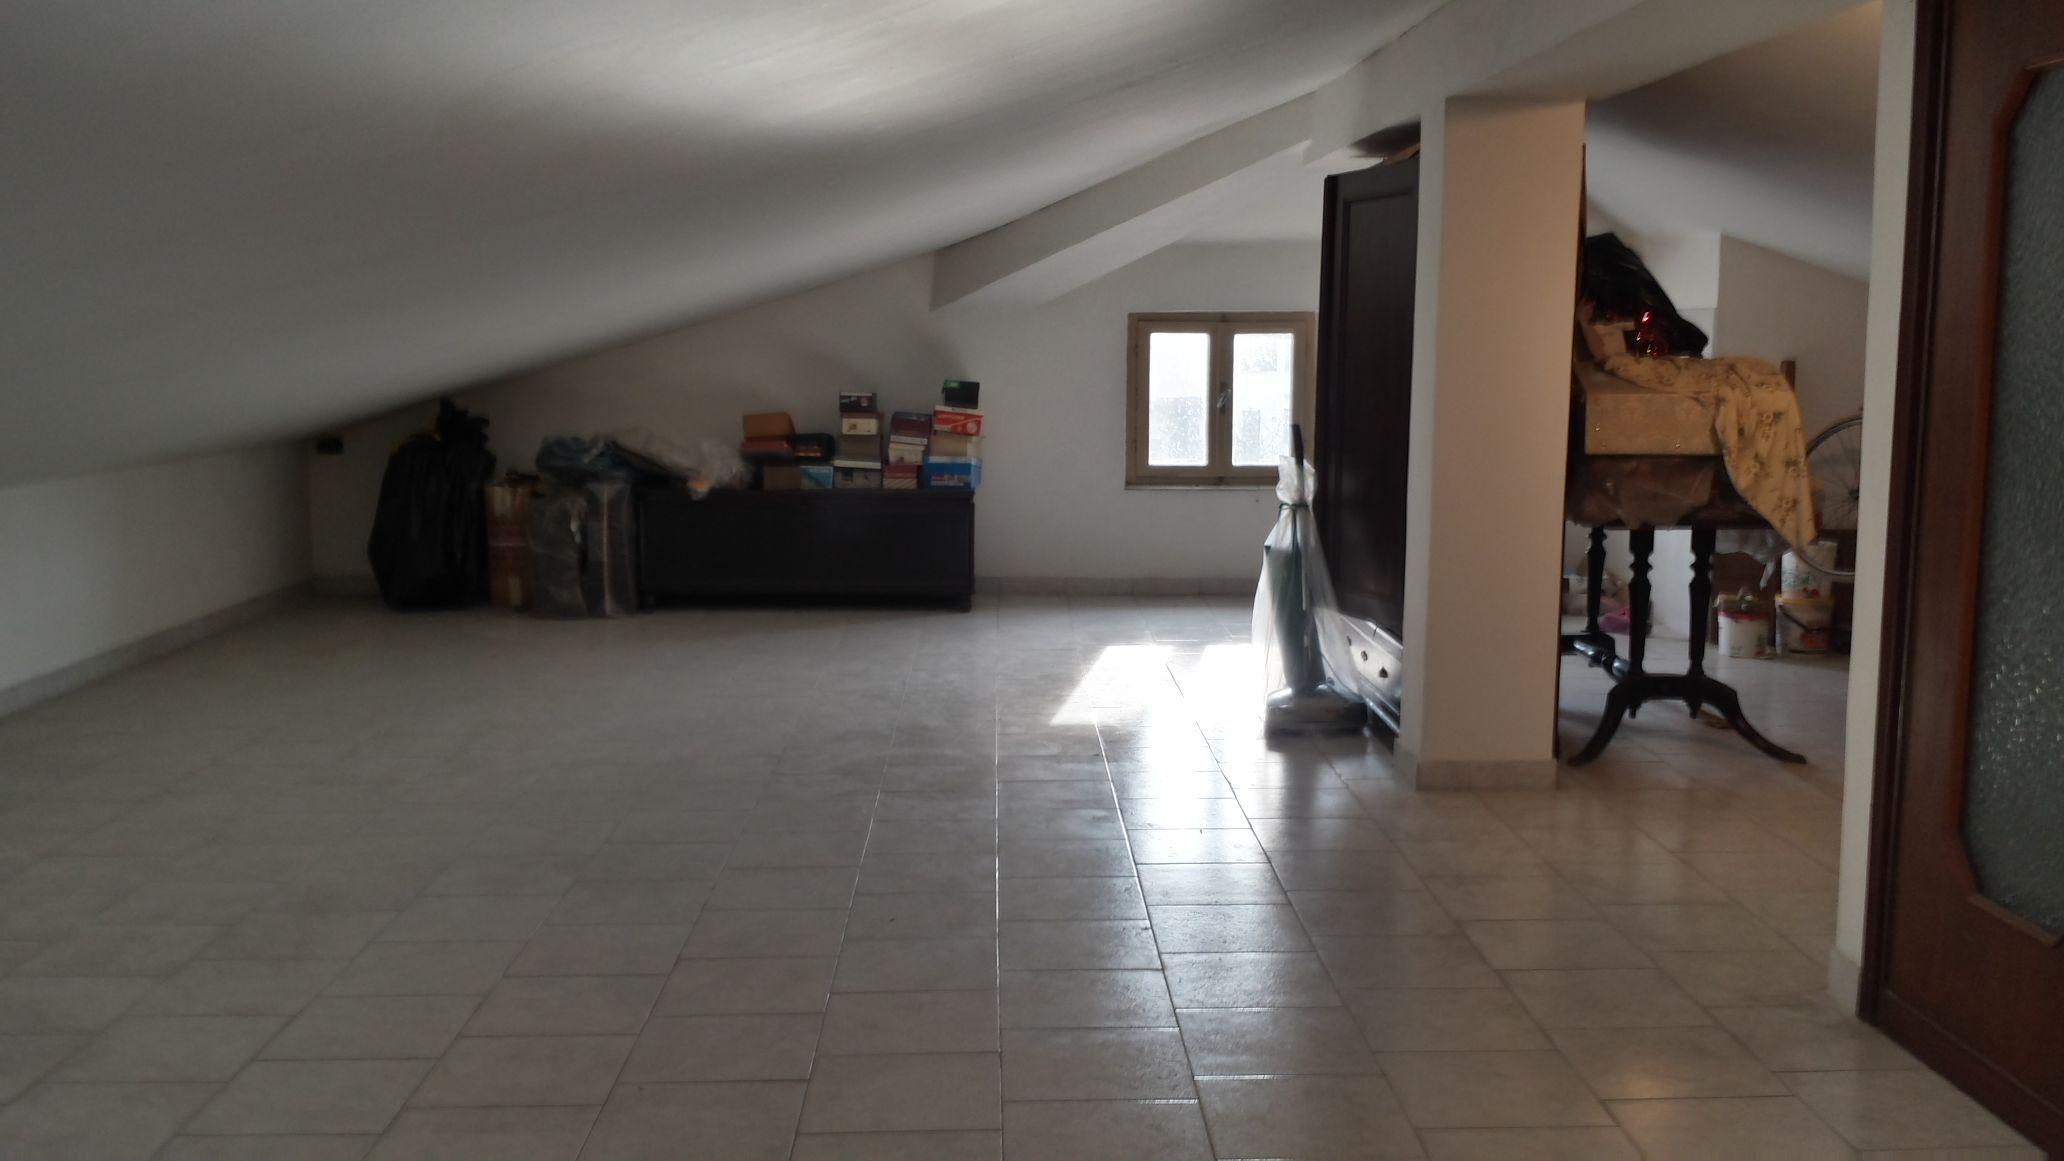 Fornaci villa singola su piano unico immobiliare for Casa con garage indipendente e breezeway